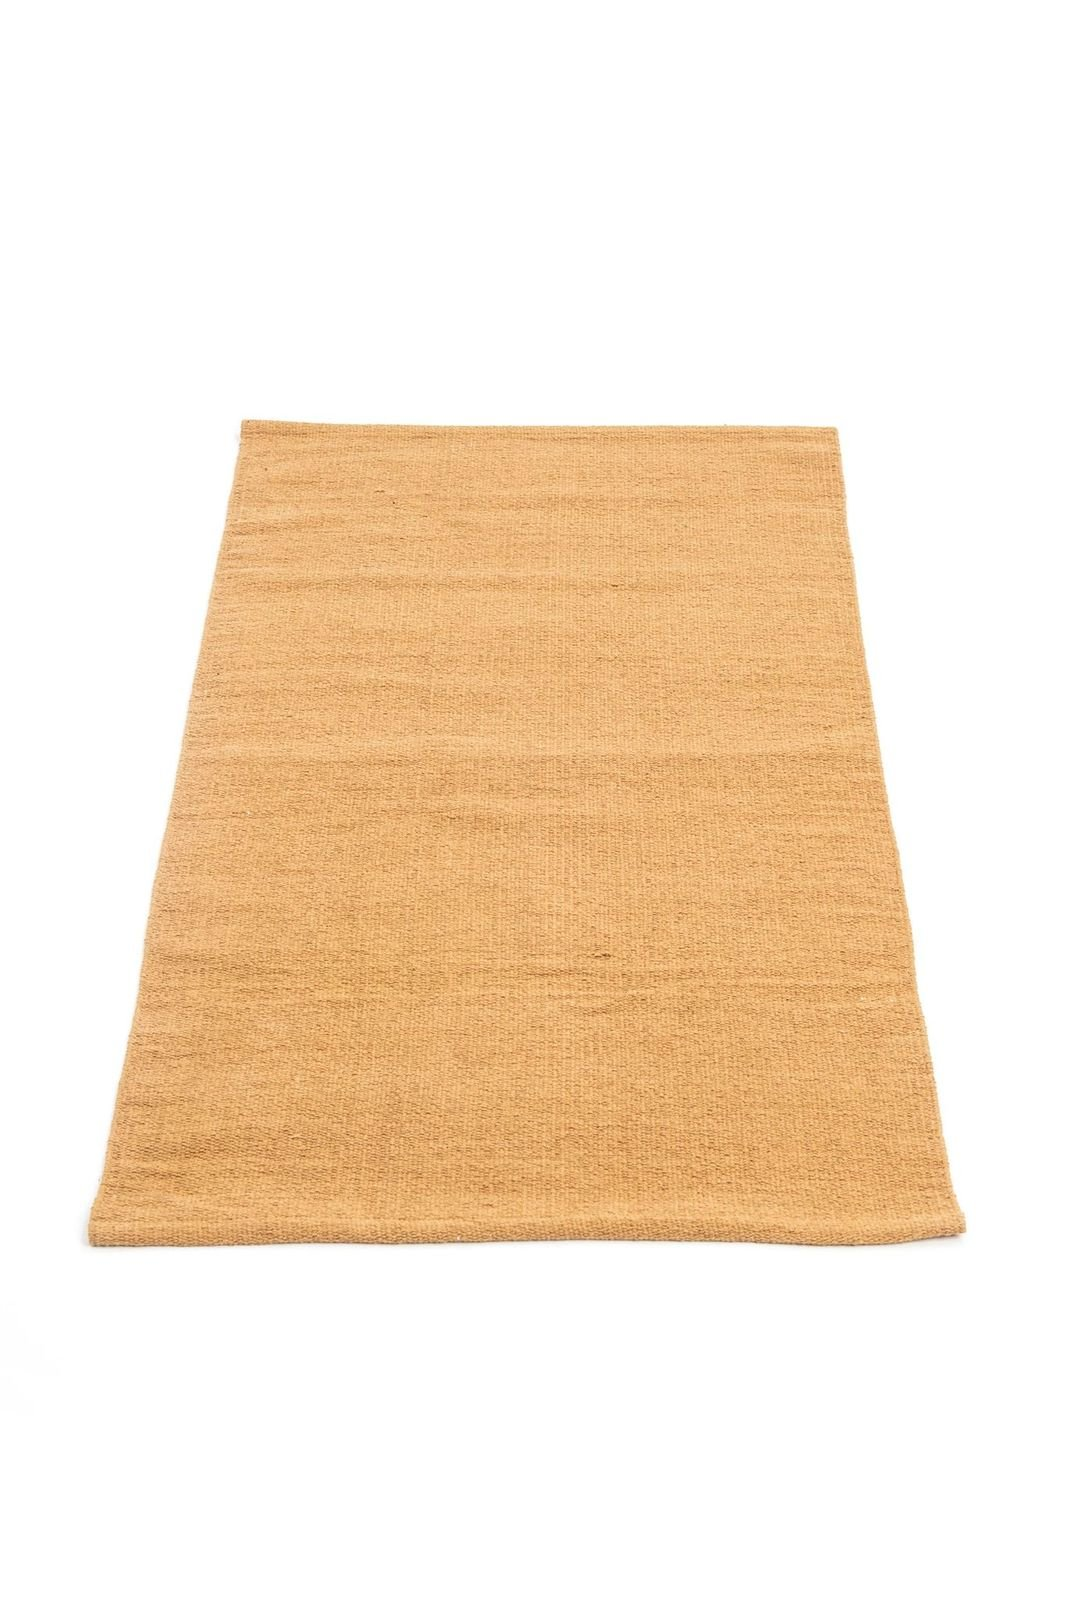 Smallstuff - Carpet Runner 70x125 cm - Hazel